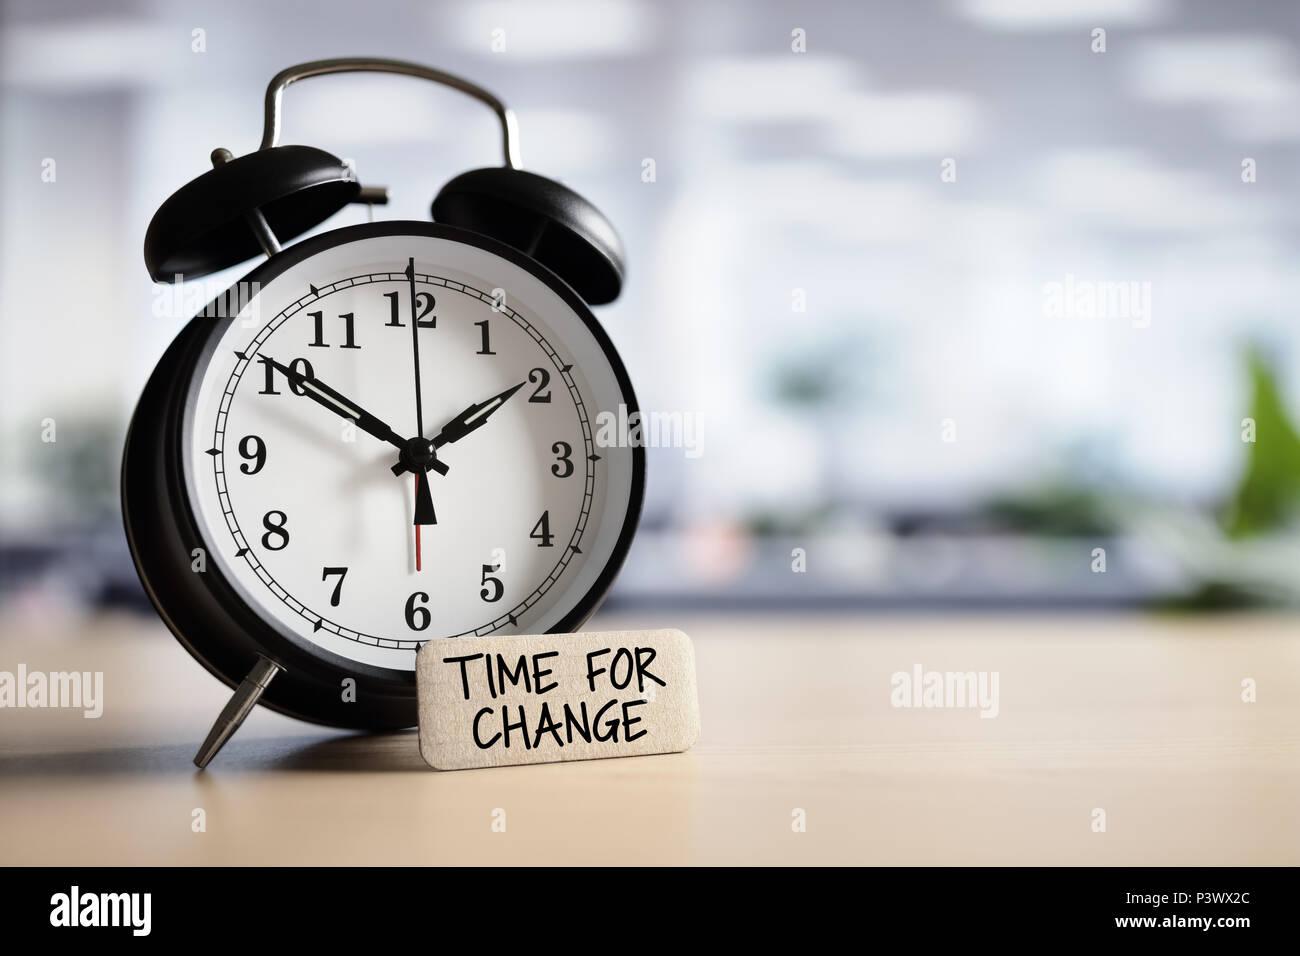 Tiempo de cambio o acción concepto mensaje con reloj alarma en el escritorio en la oficina Imagen De Stock